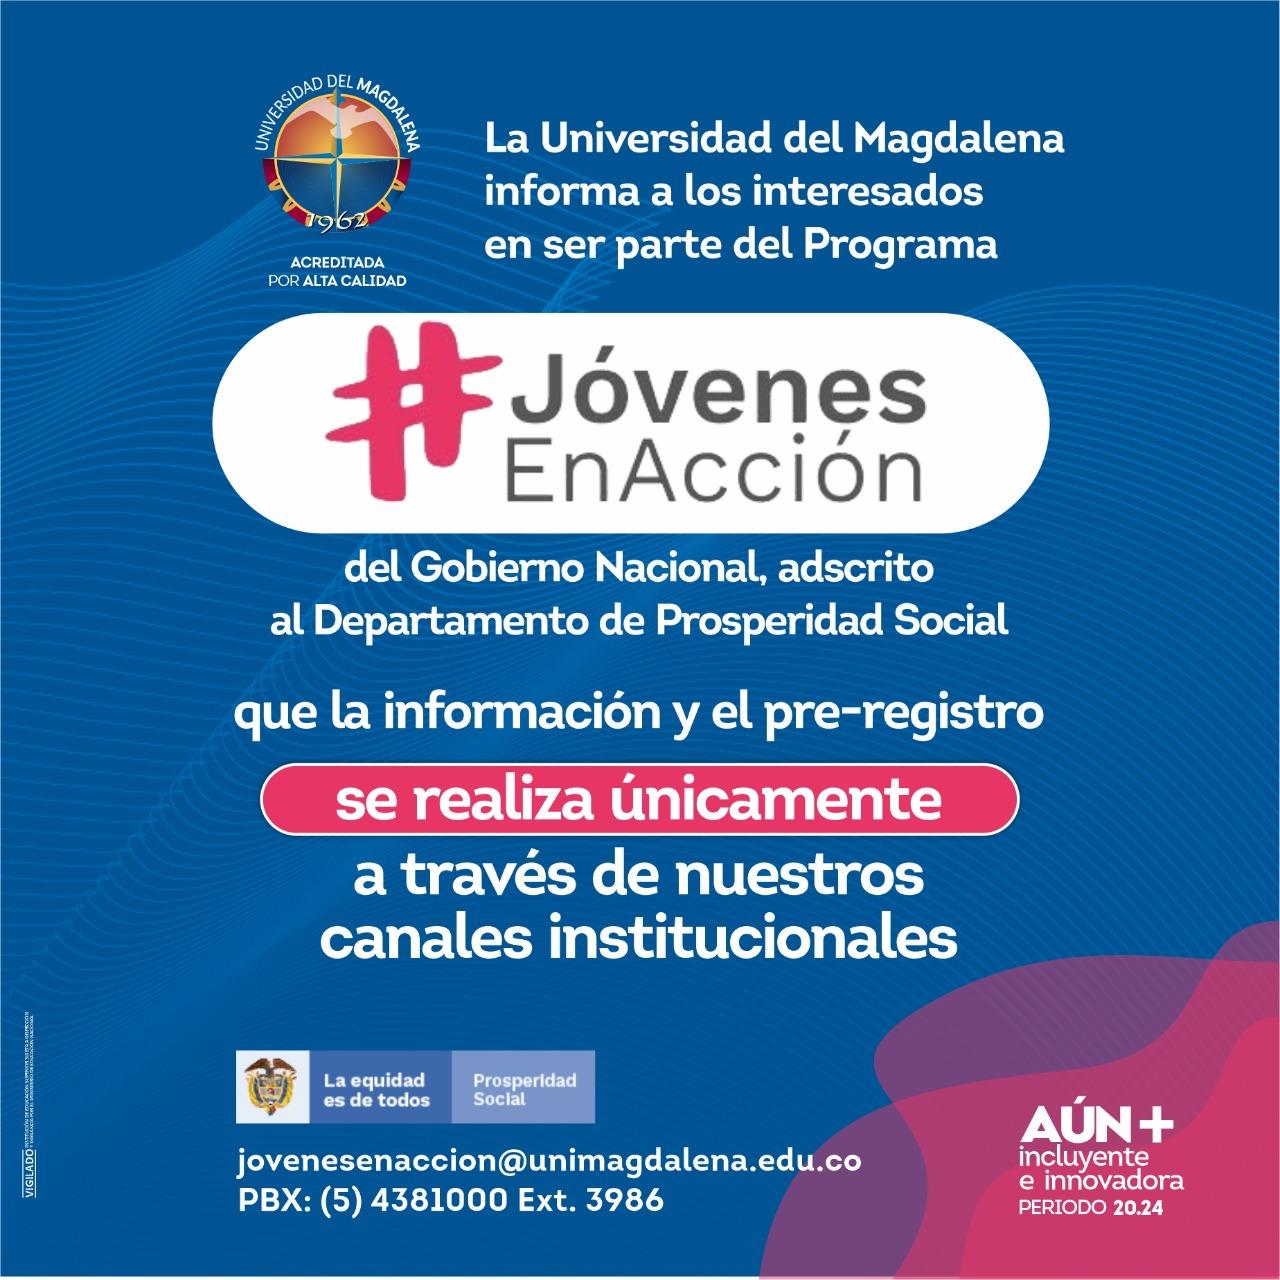 Mensaje de la Universidad del Magdalena.